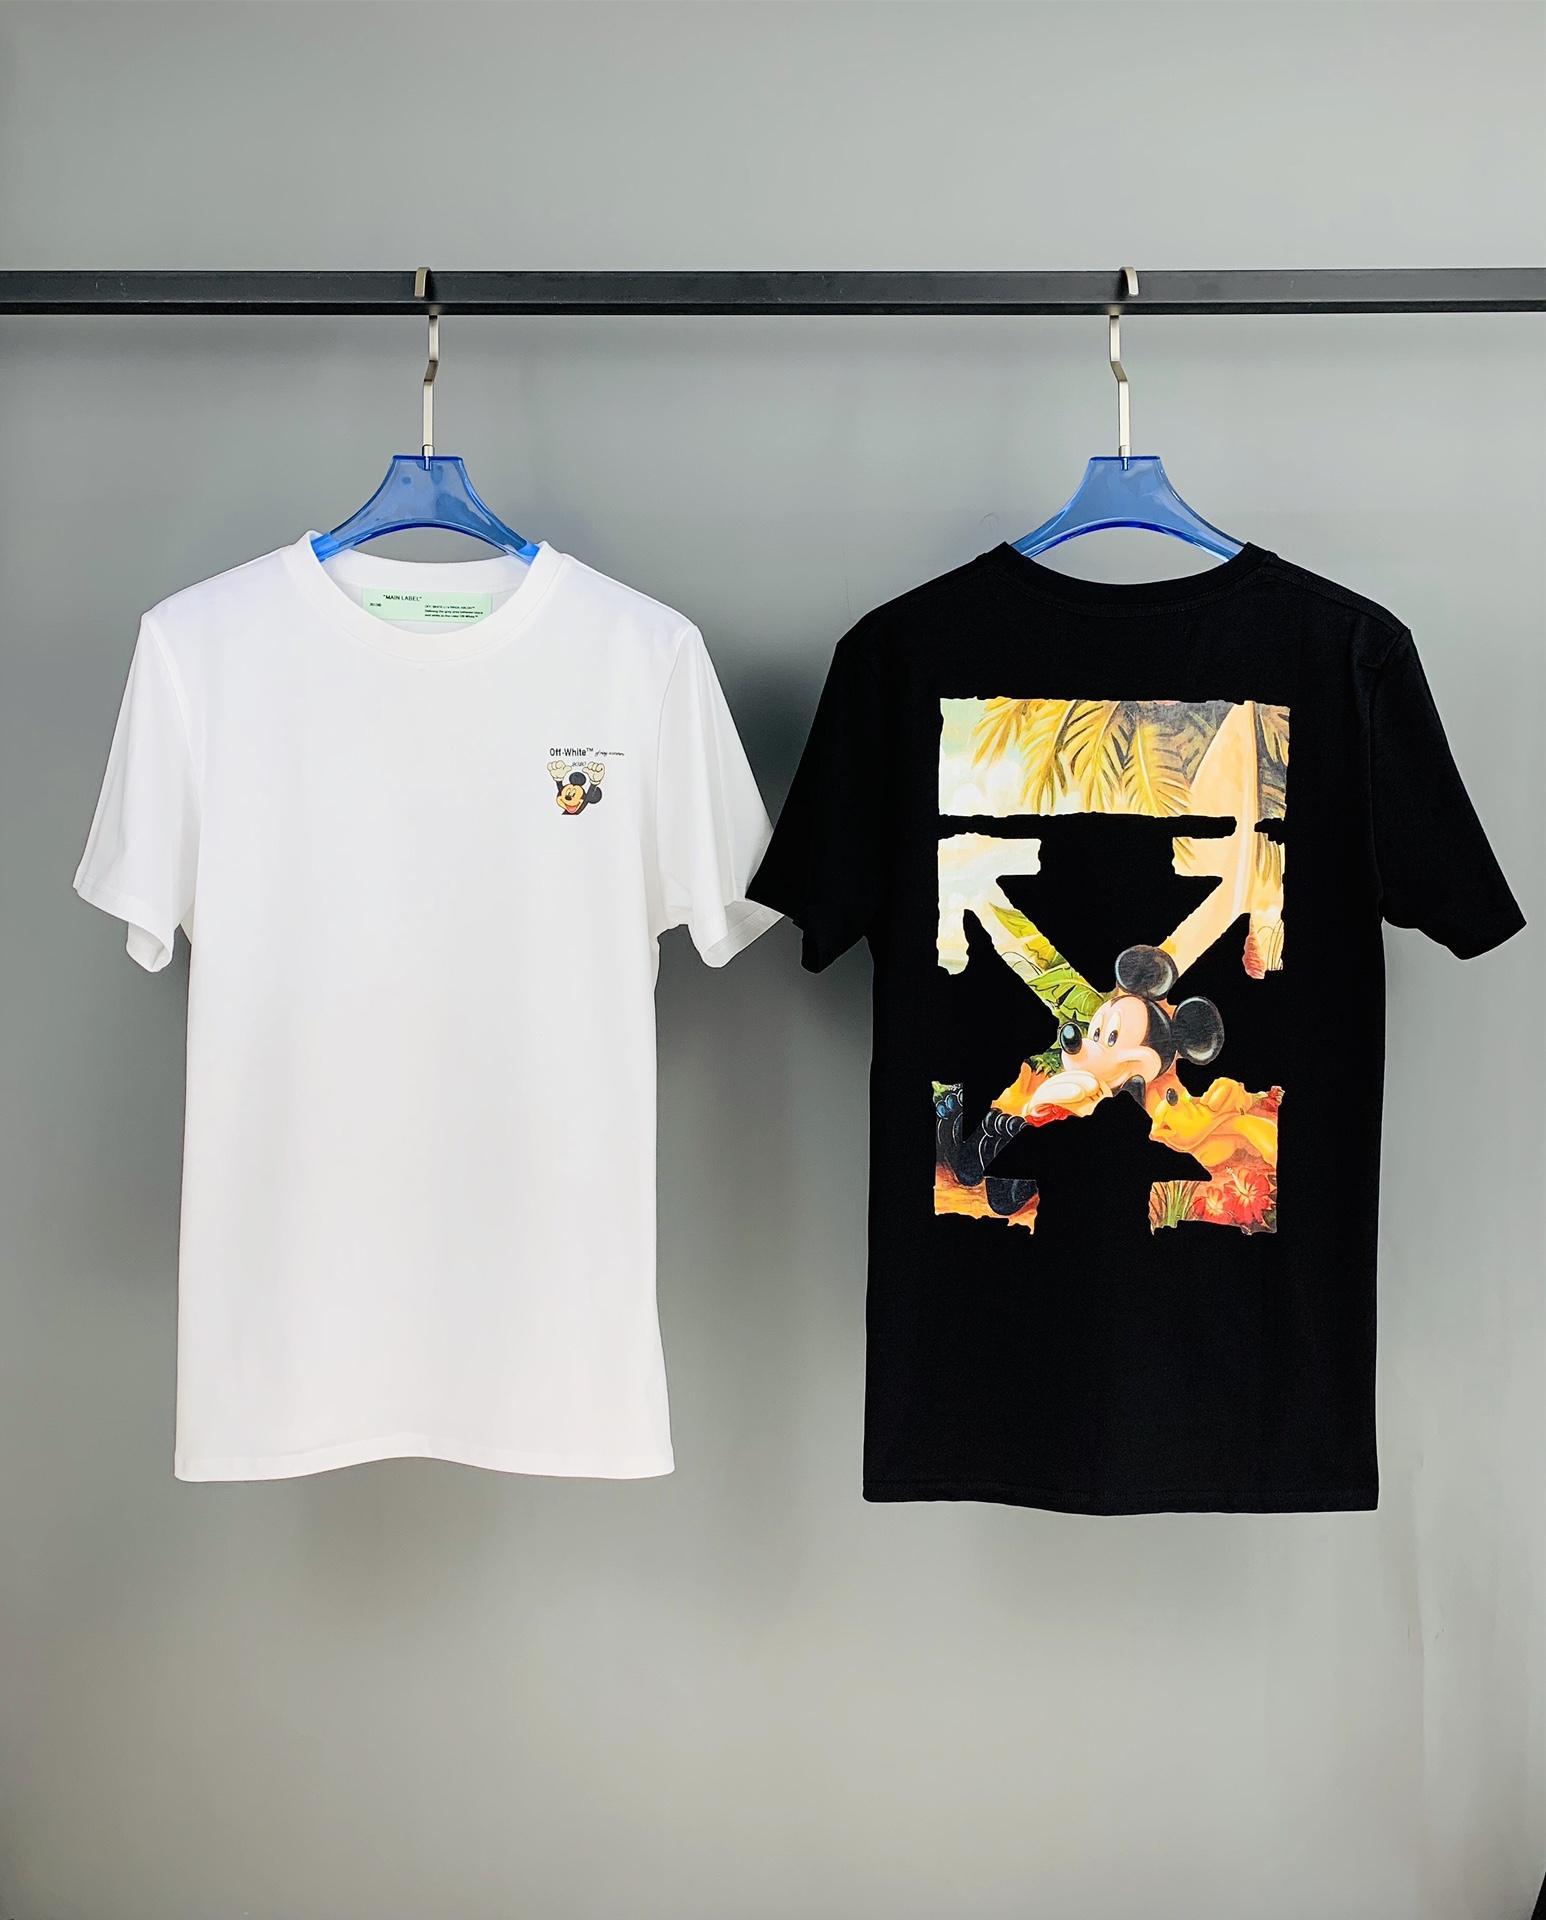 2020 nuevo logotipo del estilo de la moda camiseta de algodón cuello redondo manga corta casual de lujo de la chaqueta de diseño de alta calidad de la camiseta de los hombres SC4